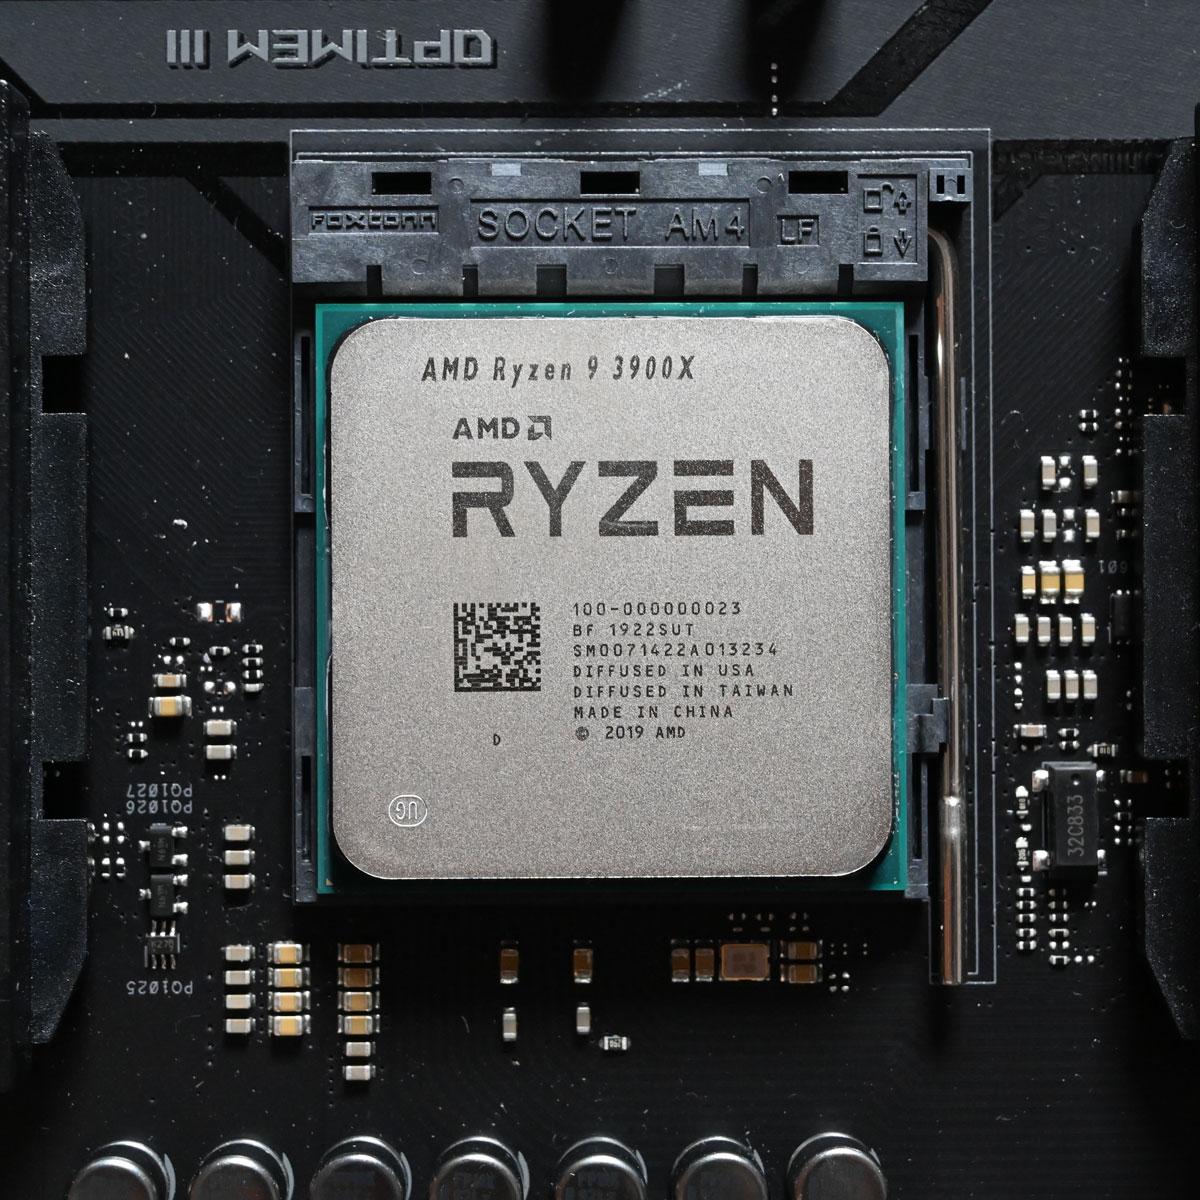 乗り換える価値はある? AMDの第3世代RyzenとRadeon RX5700シリーズ速攻レビュー